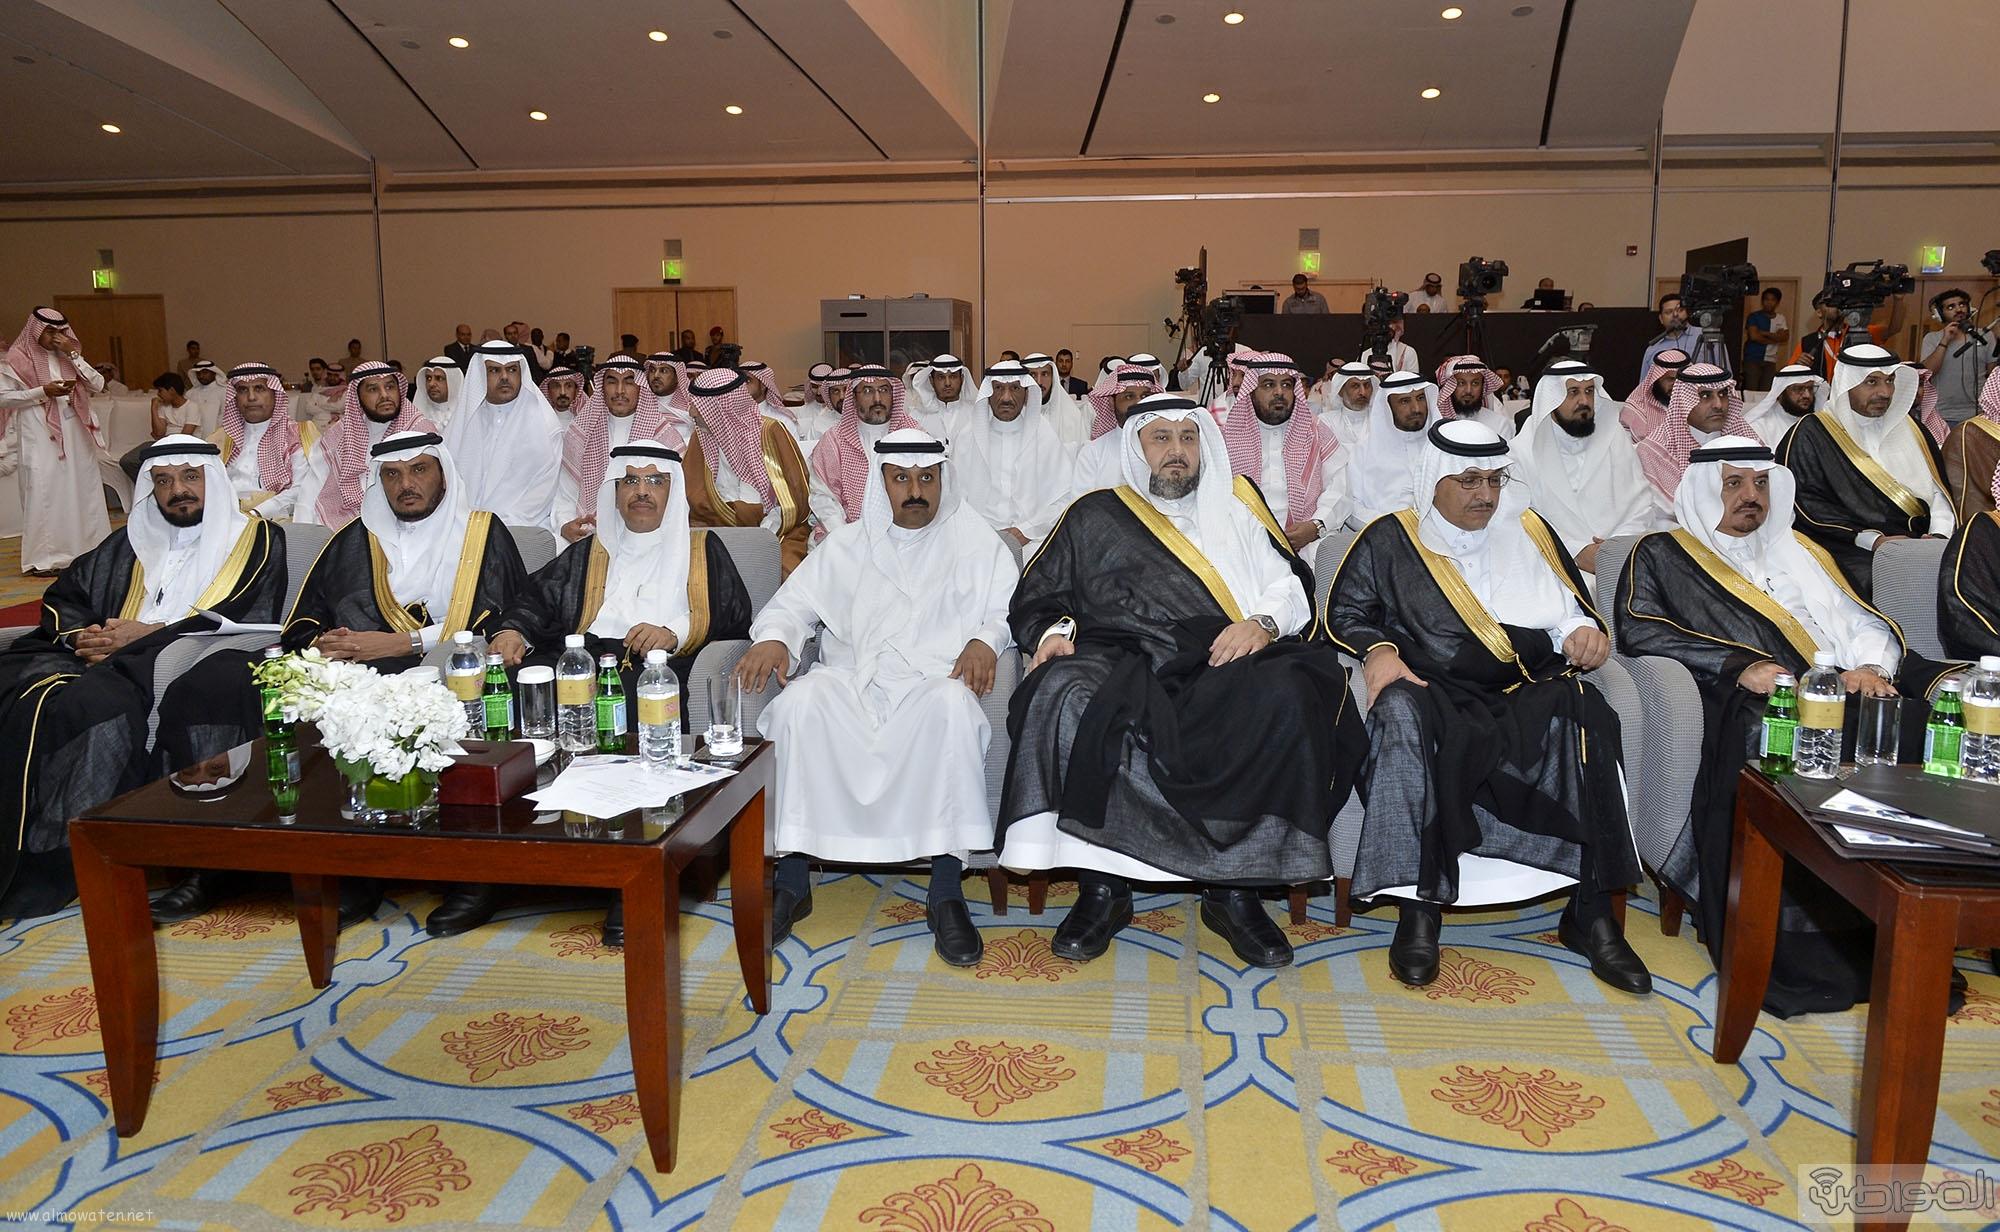 امير الرياض من ملتقي معا لانشاء جيل عالي من التعليم (5)